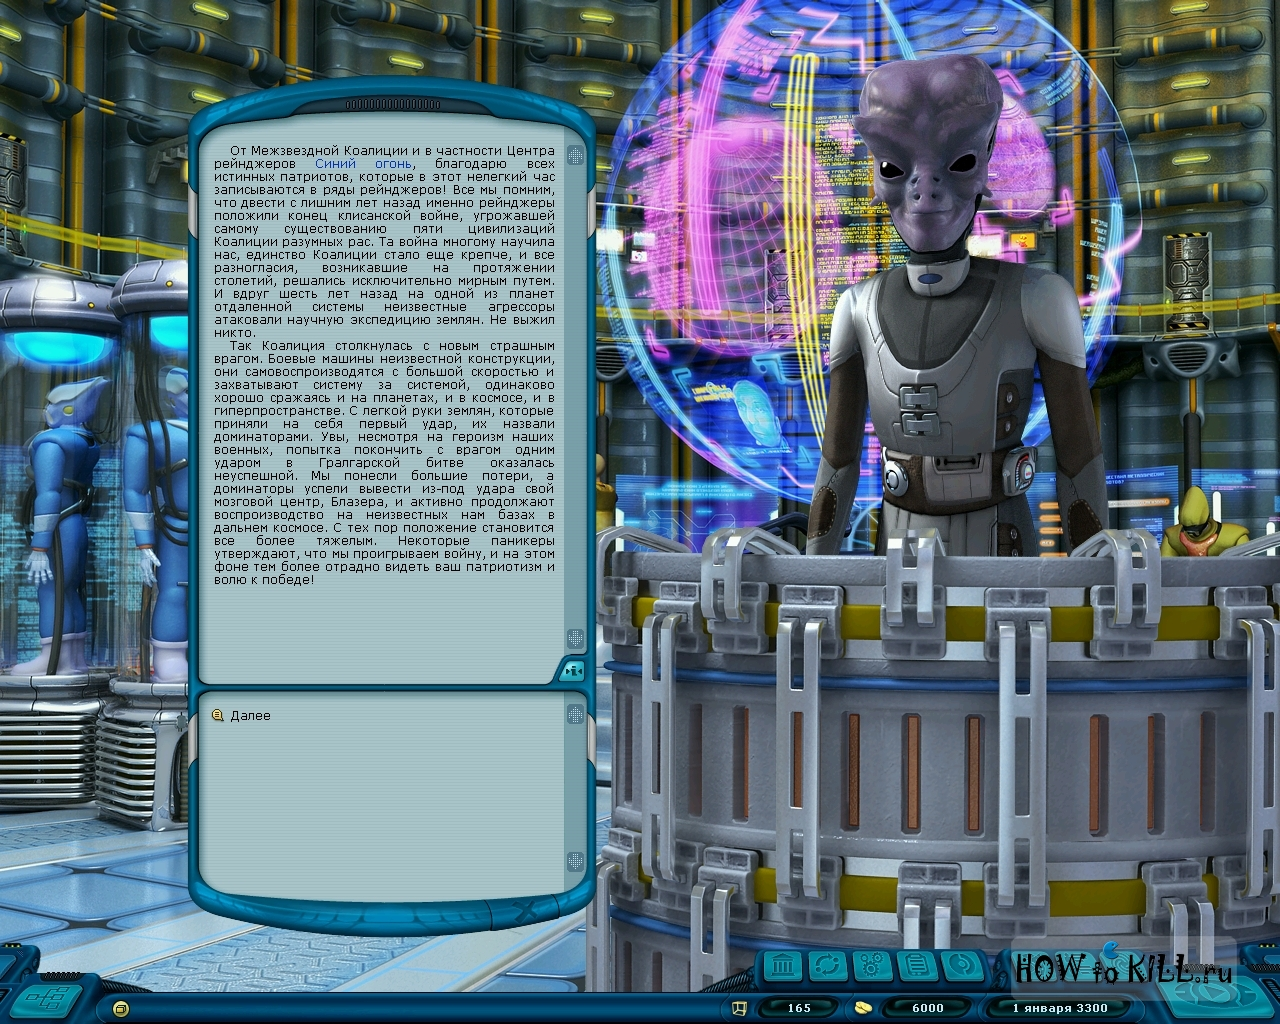 А пока можно насладиться первыми скриншотами из игры Космические рейнджеры